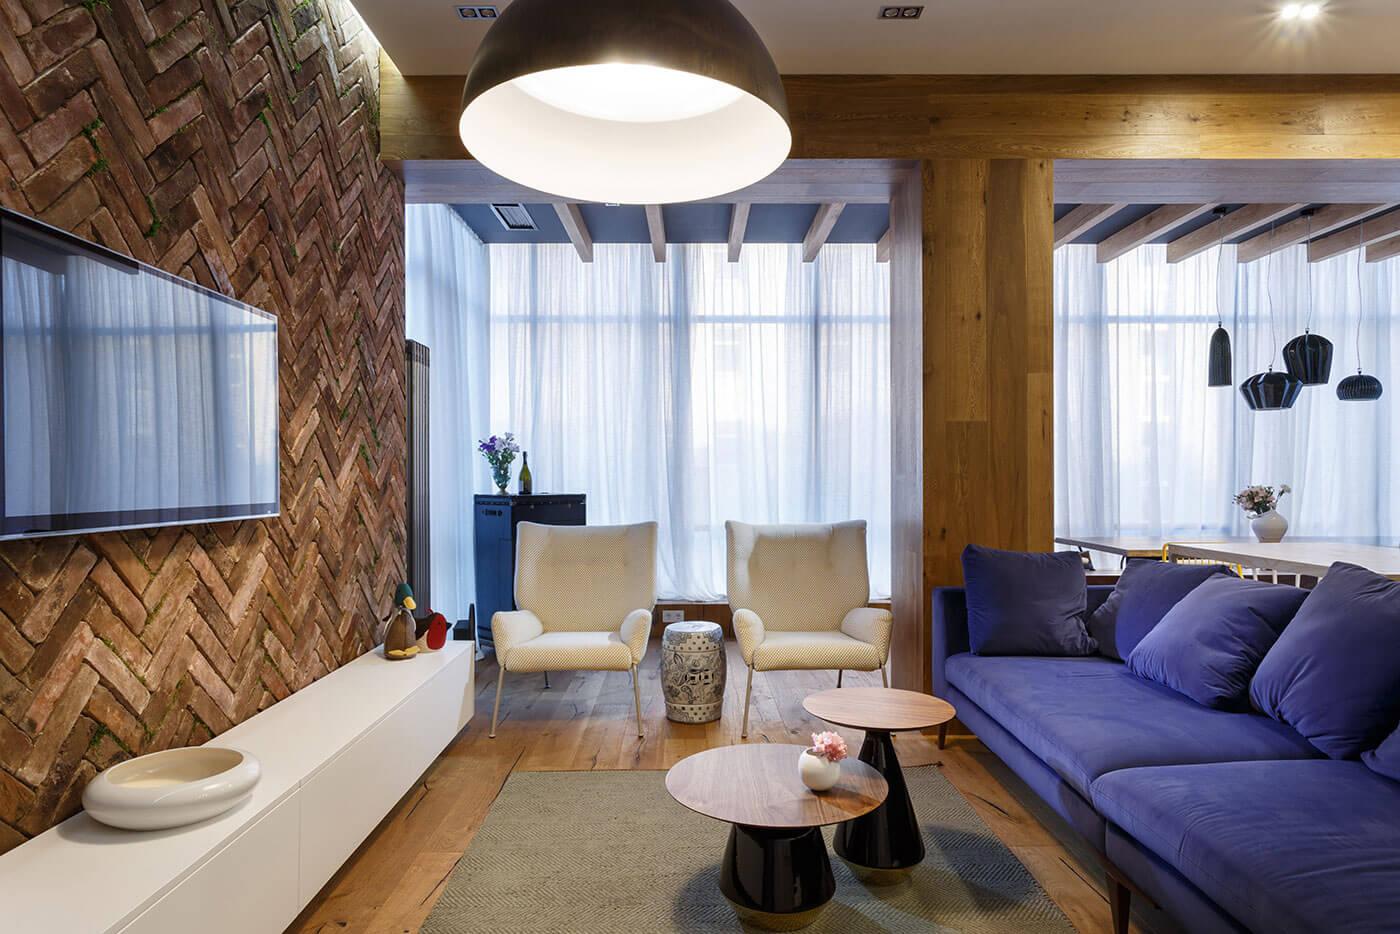 apartament-v-ukraina-s-kreativen-interioren-dizian-2g